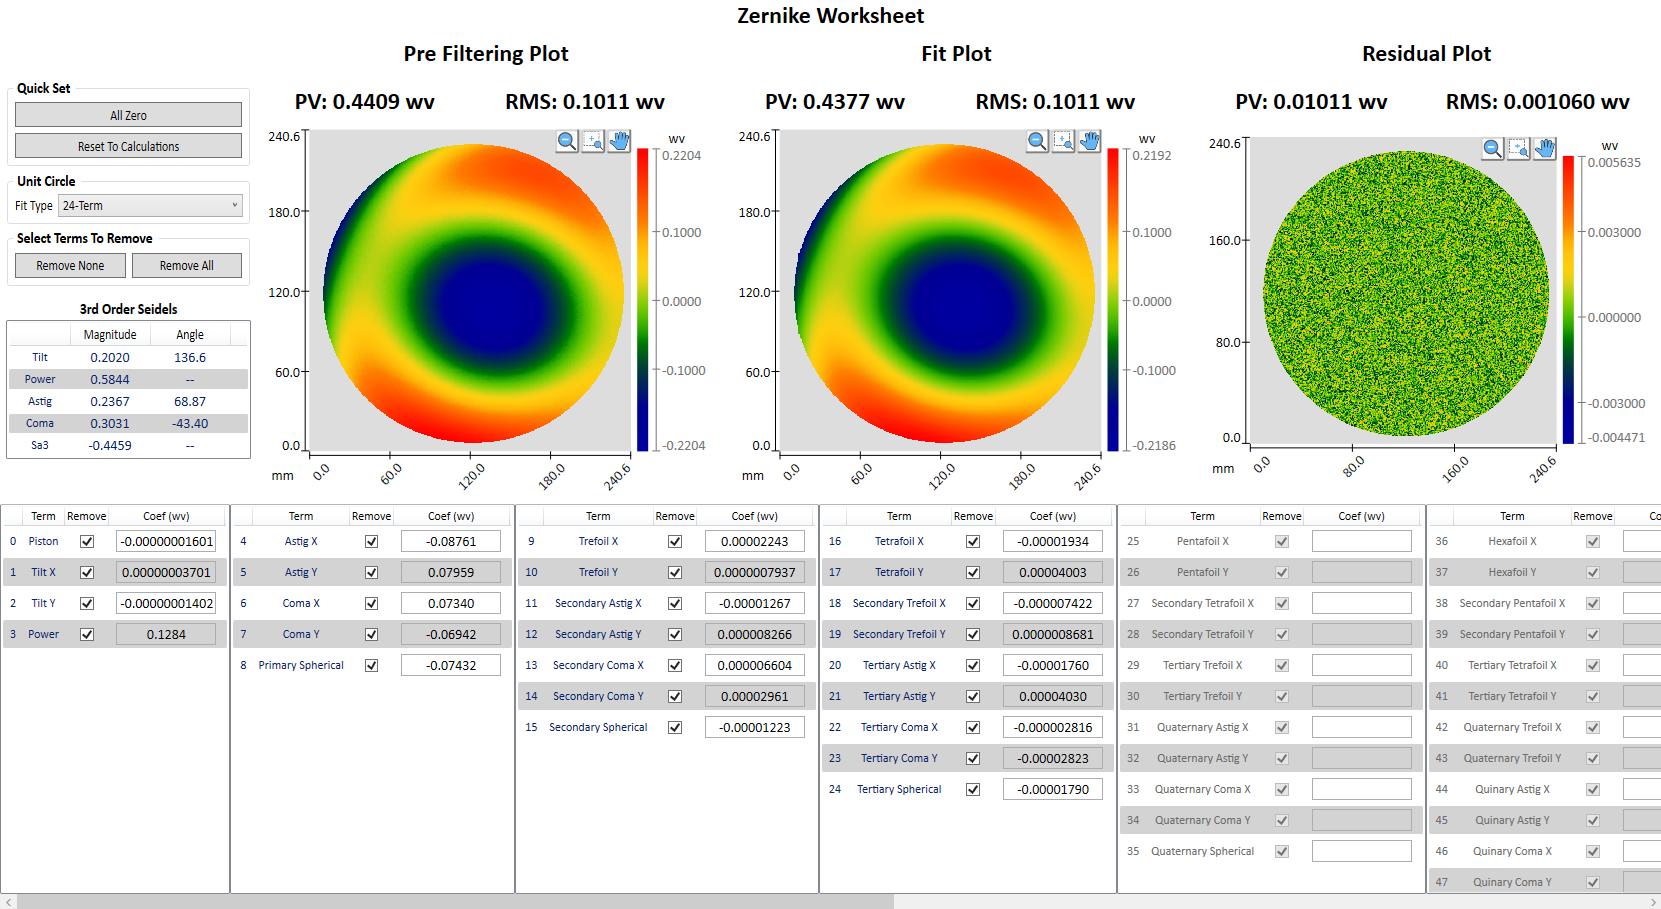 4Sight Focus Zernike Worksheet Analysis